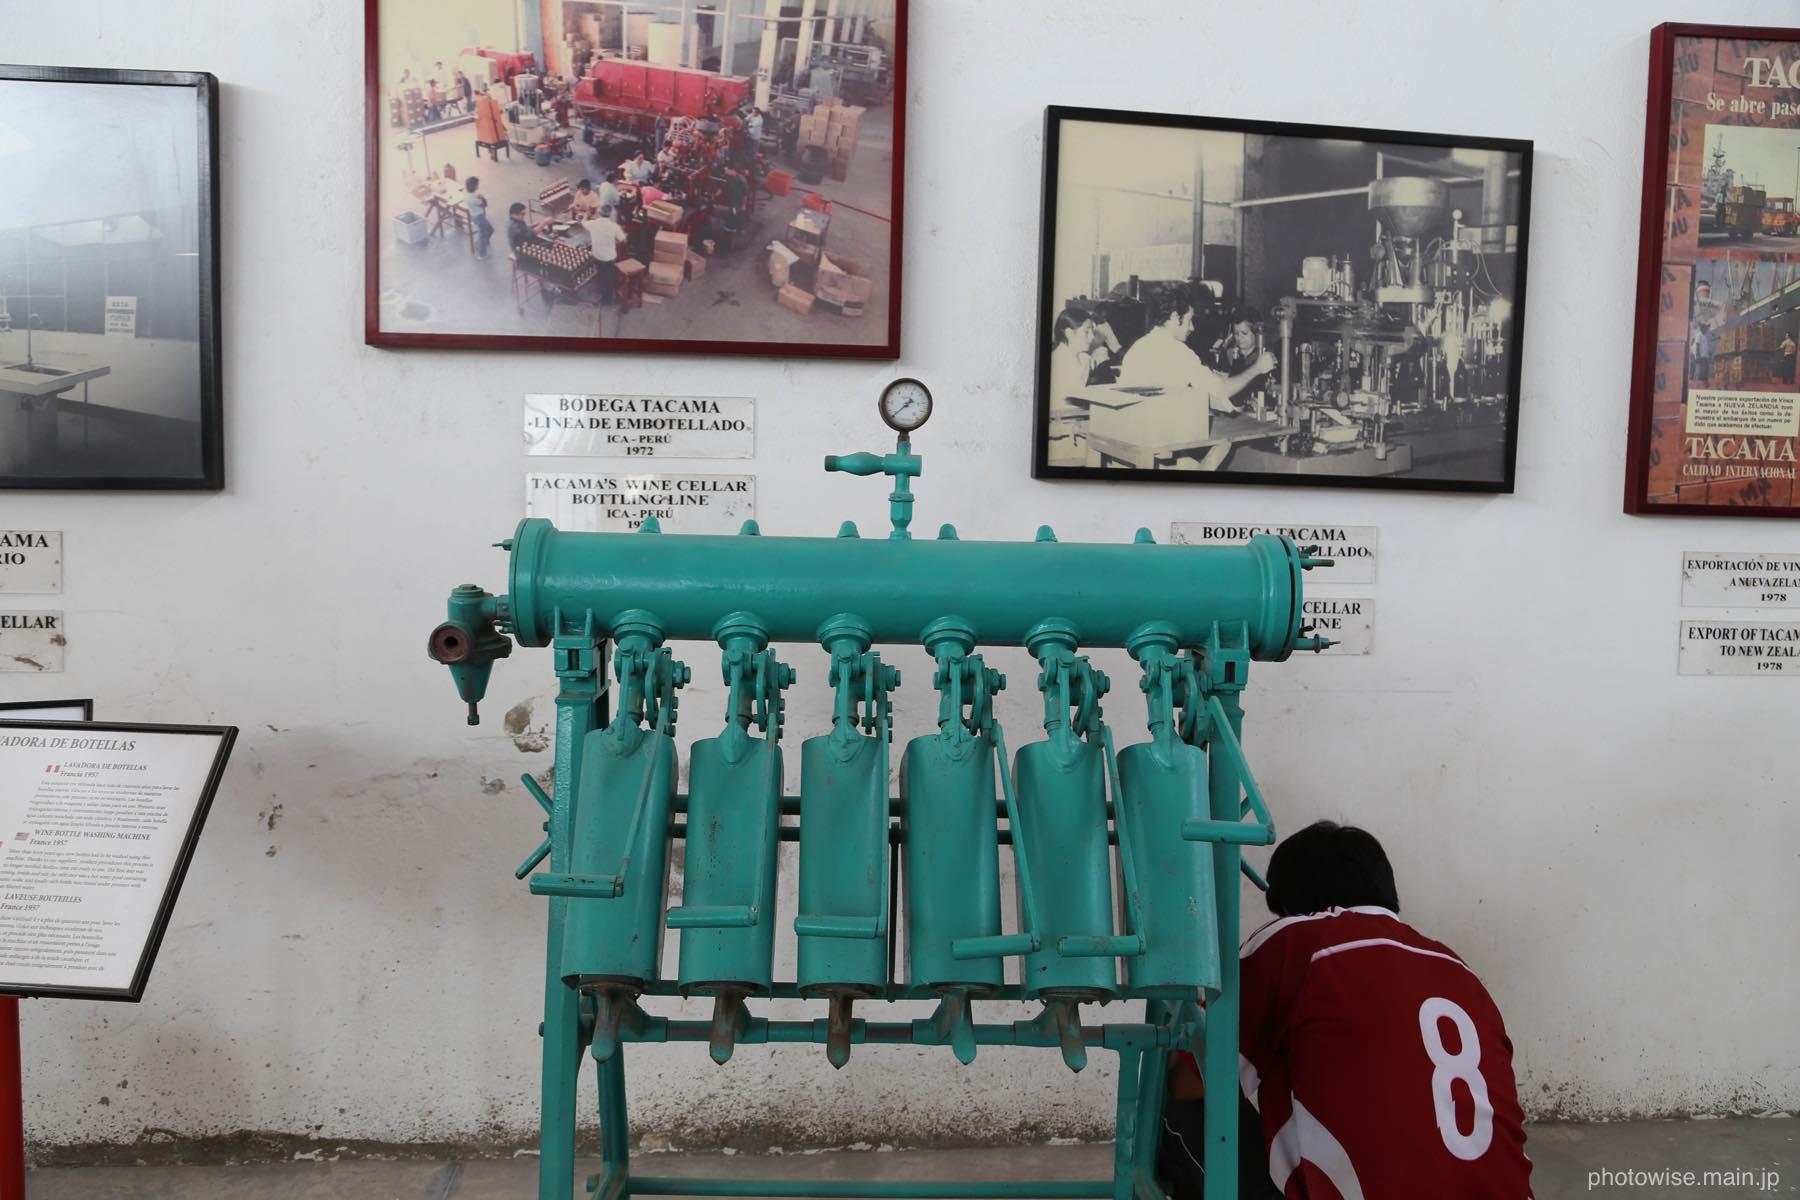 古い機械と写真